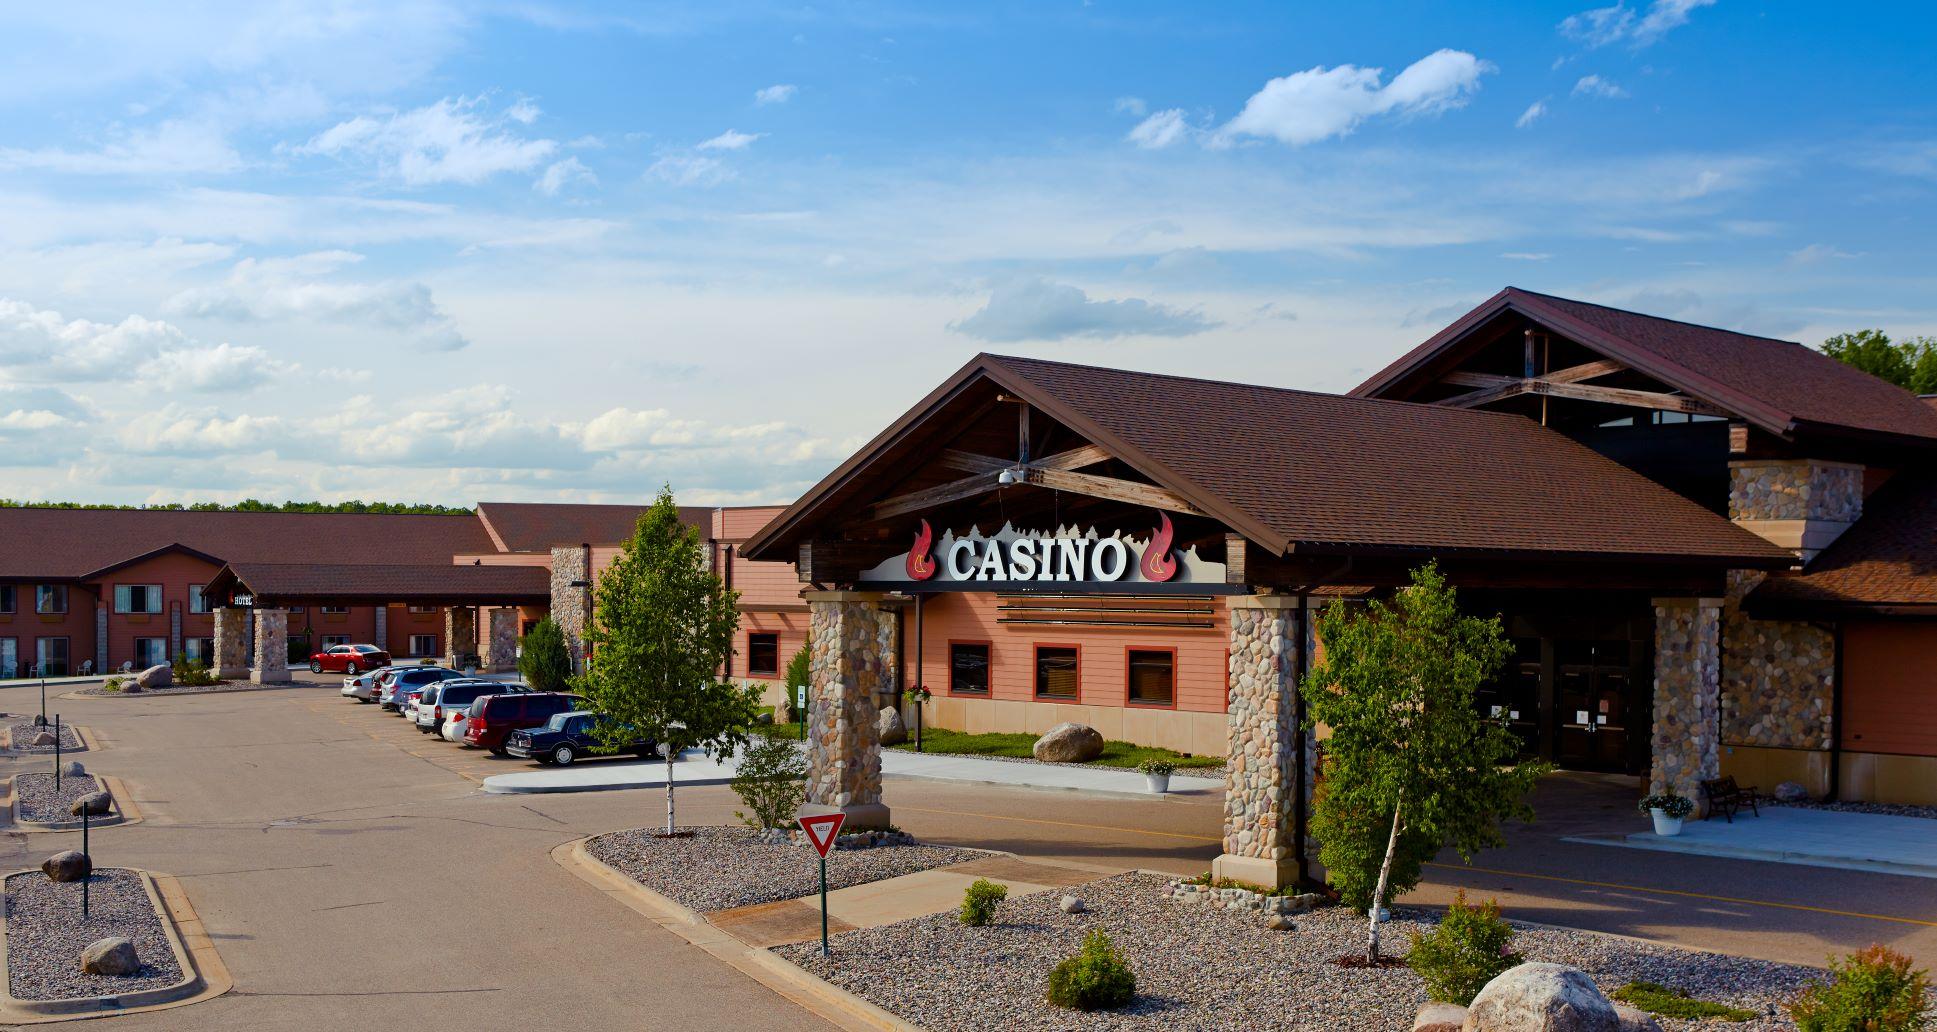 Potawatomi casino carter casino near forks washington